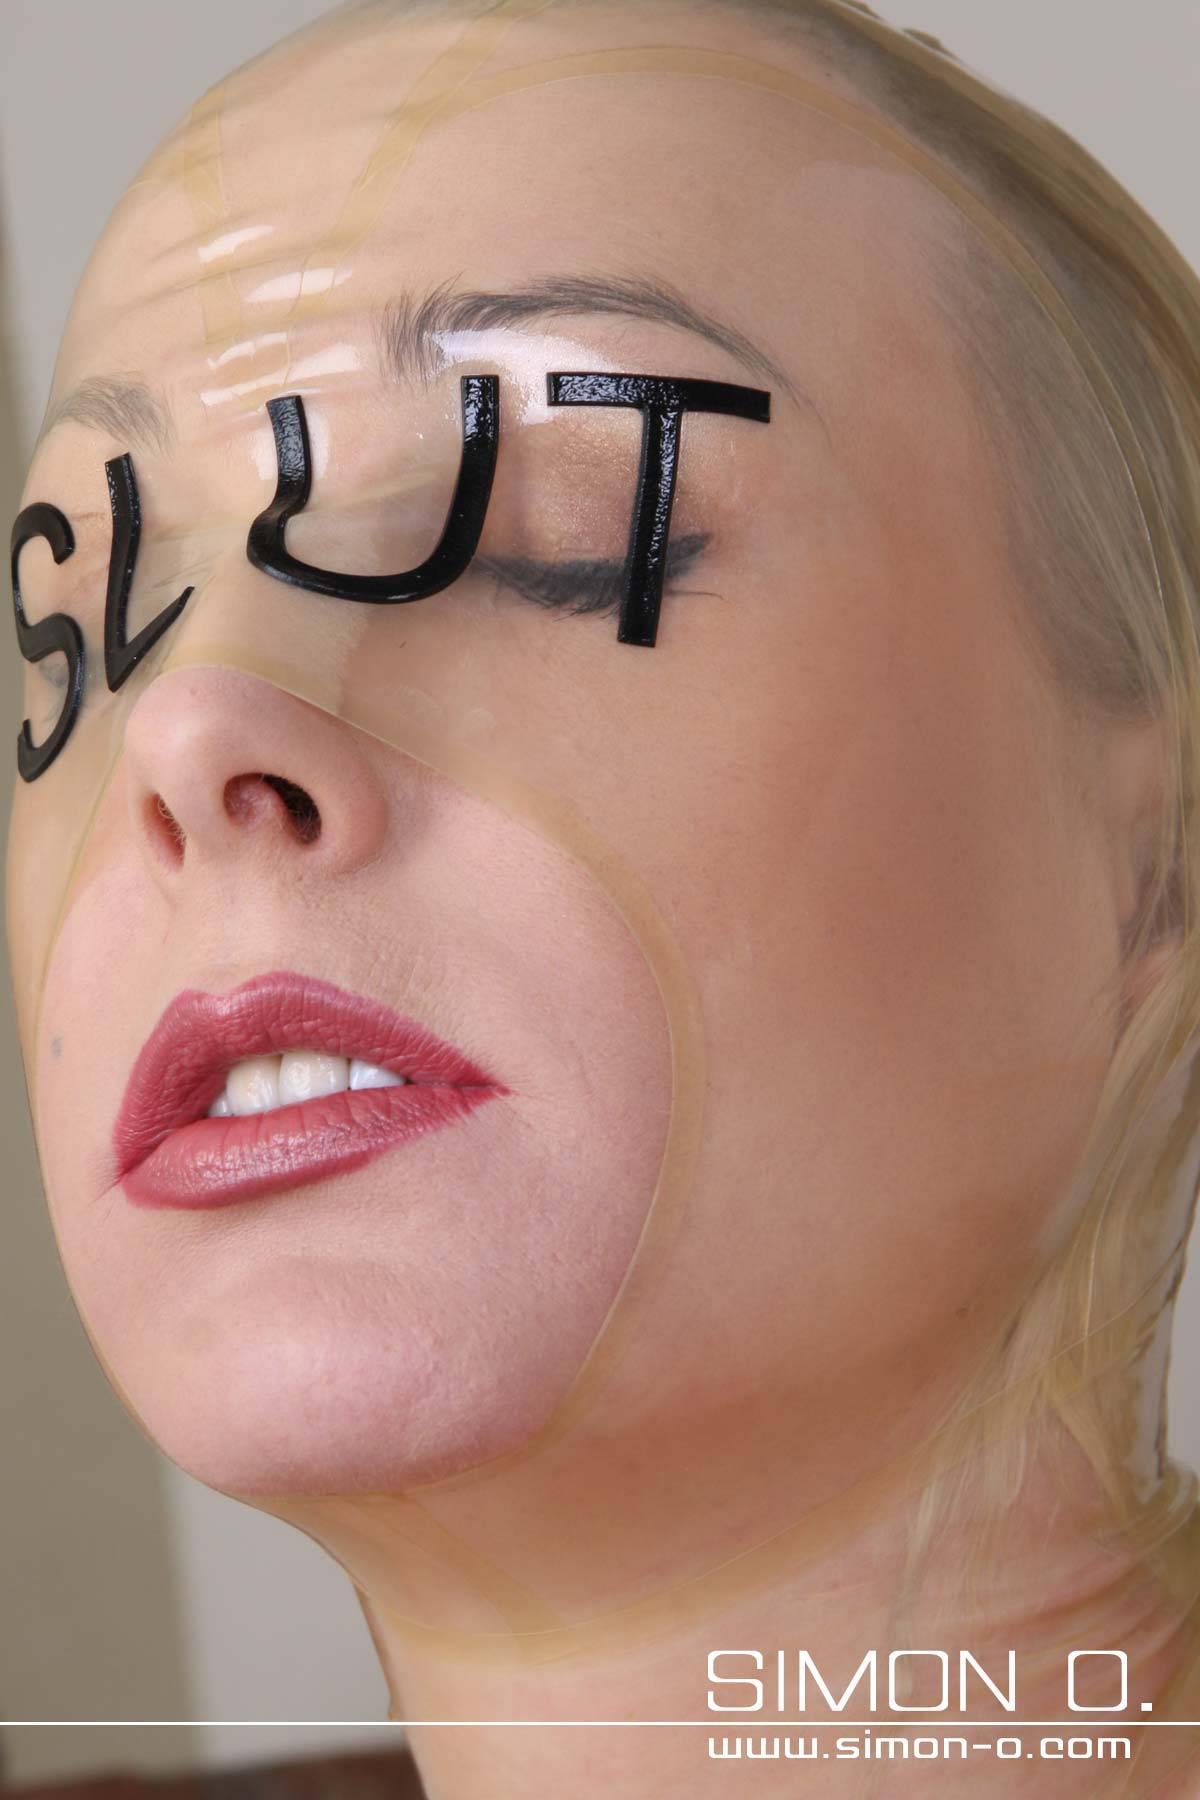 Latex Maske in transparent mit SLUT Schriftzug in Schwarz